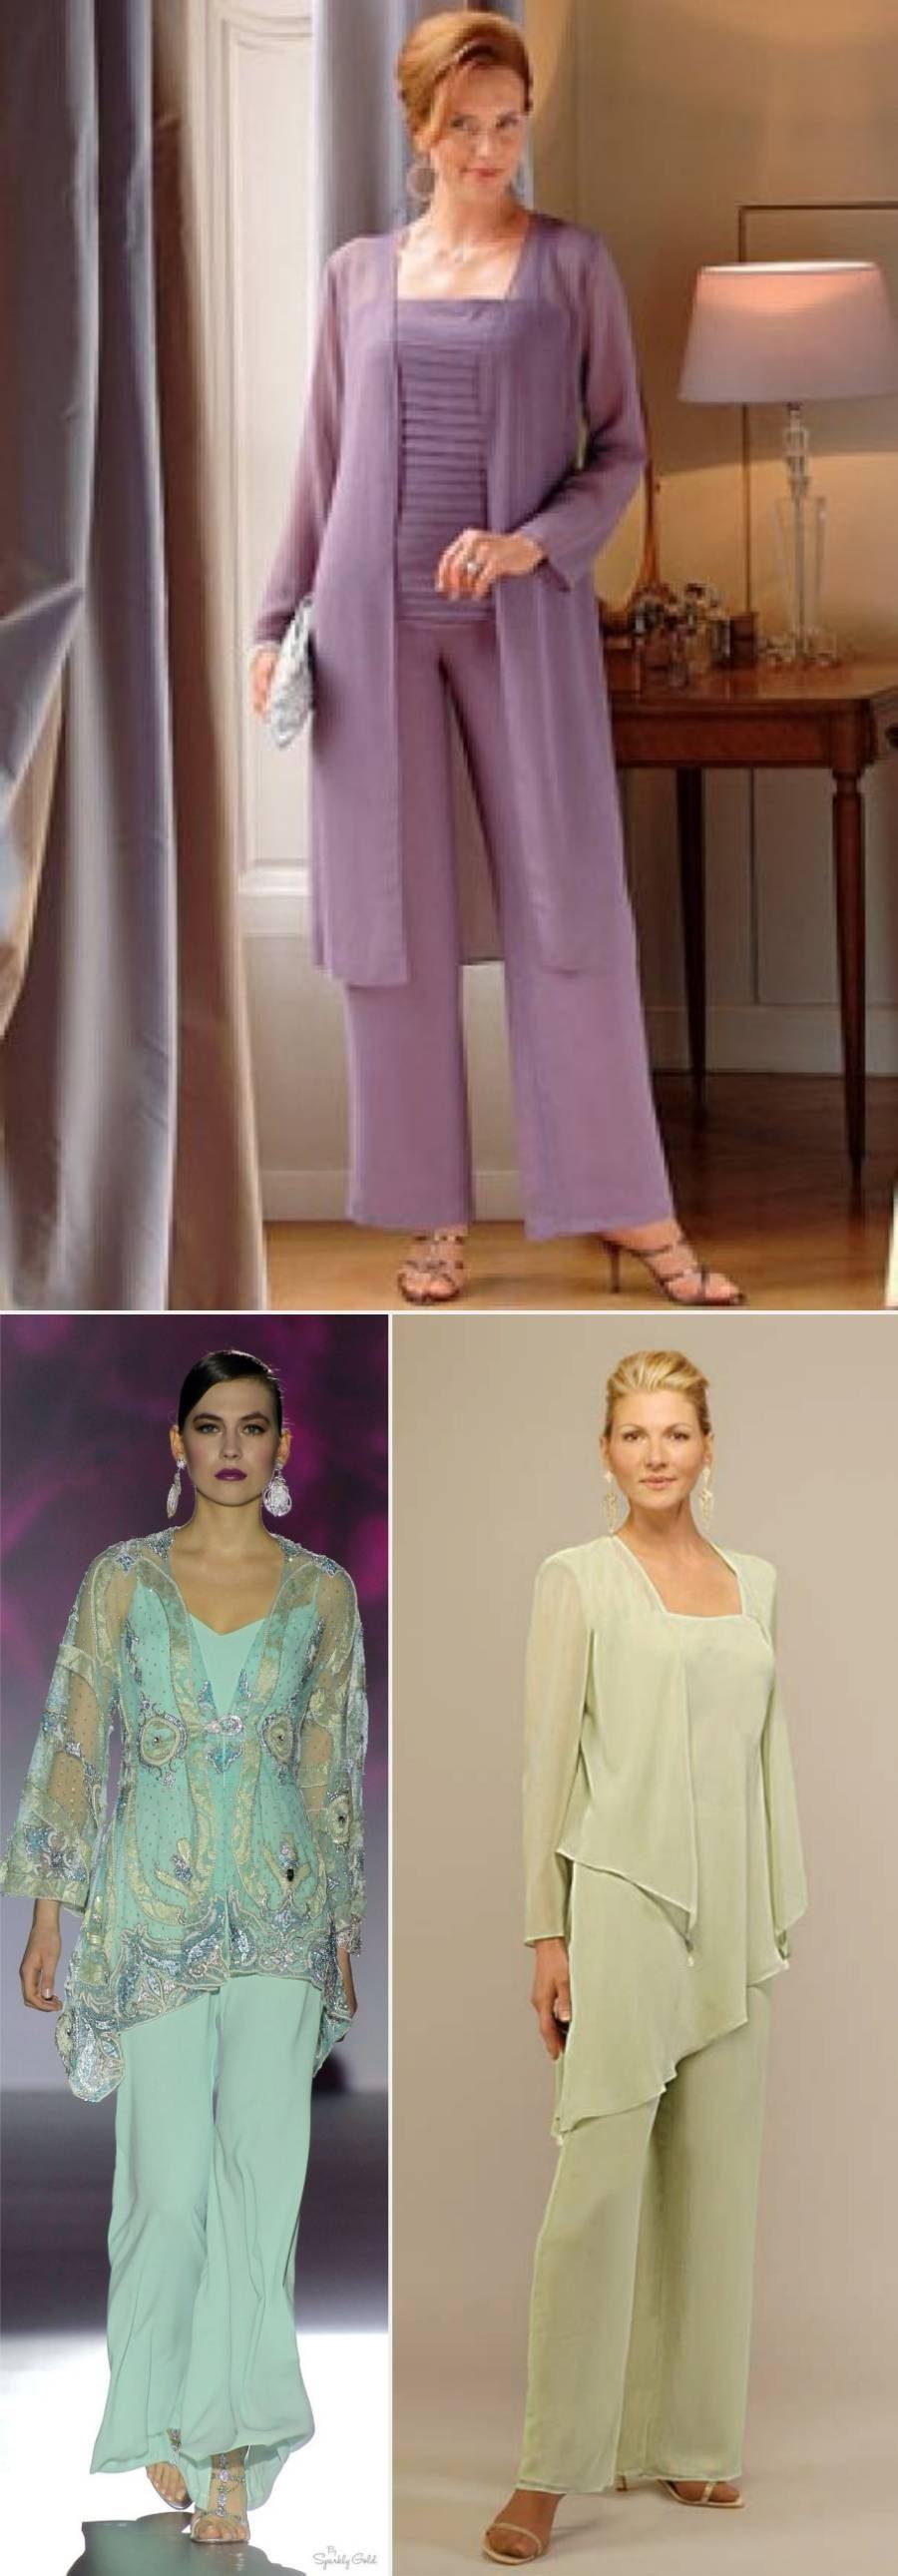 Moda anti-idade: 19 ideias de calça para festa